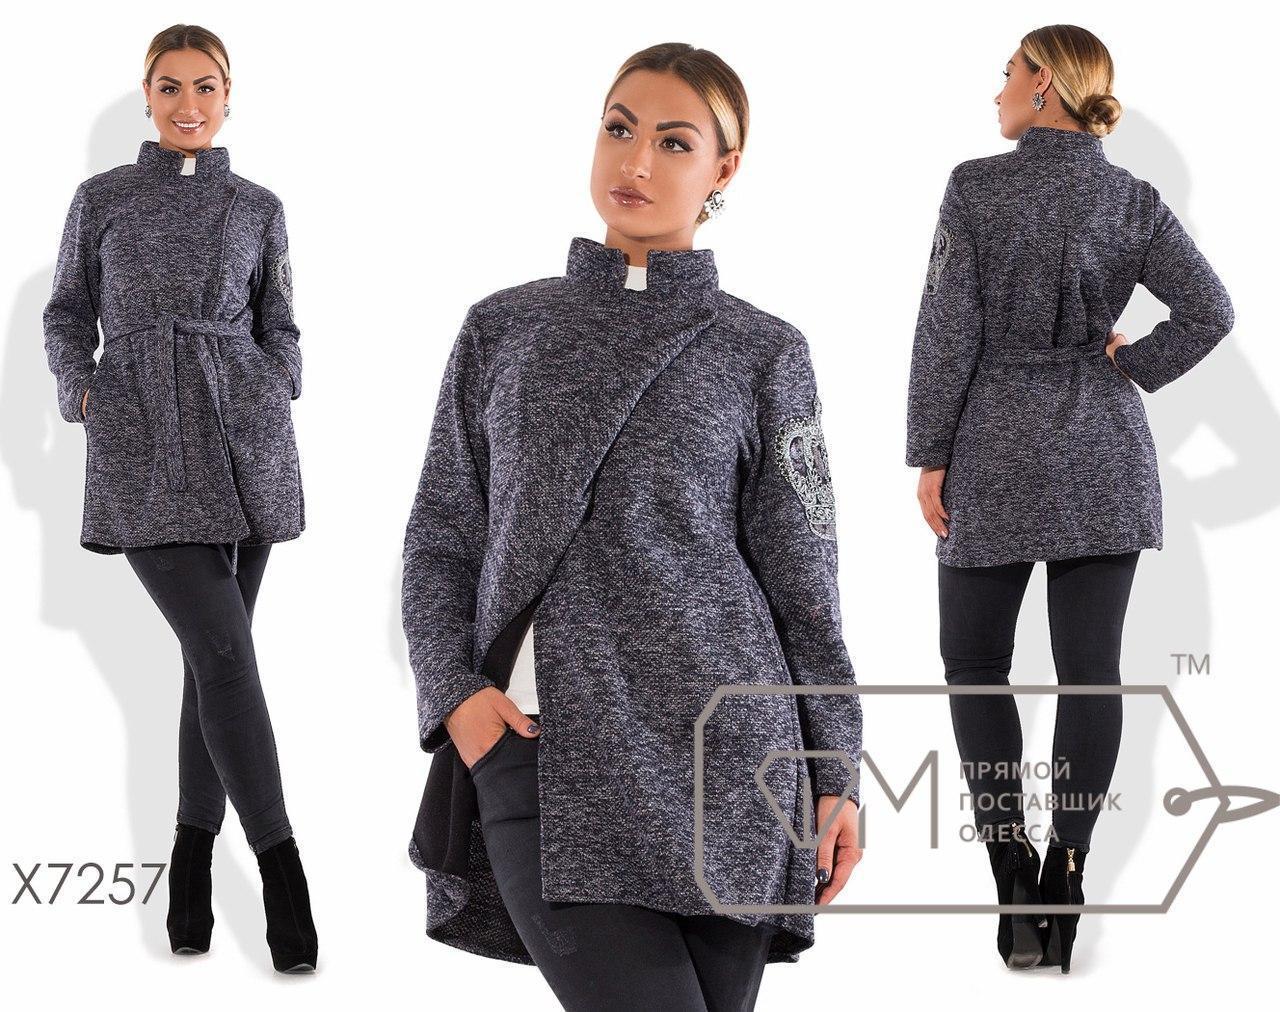 Буклированное пальто без подклада в больших размерах fmx7257